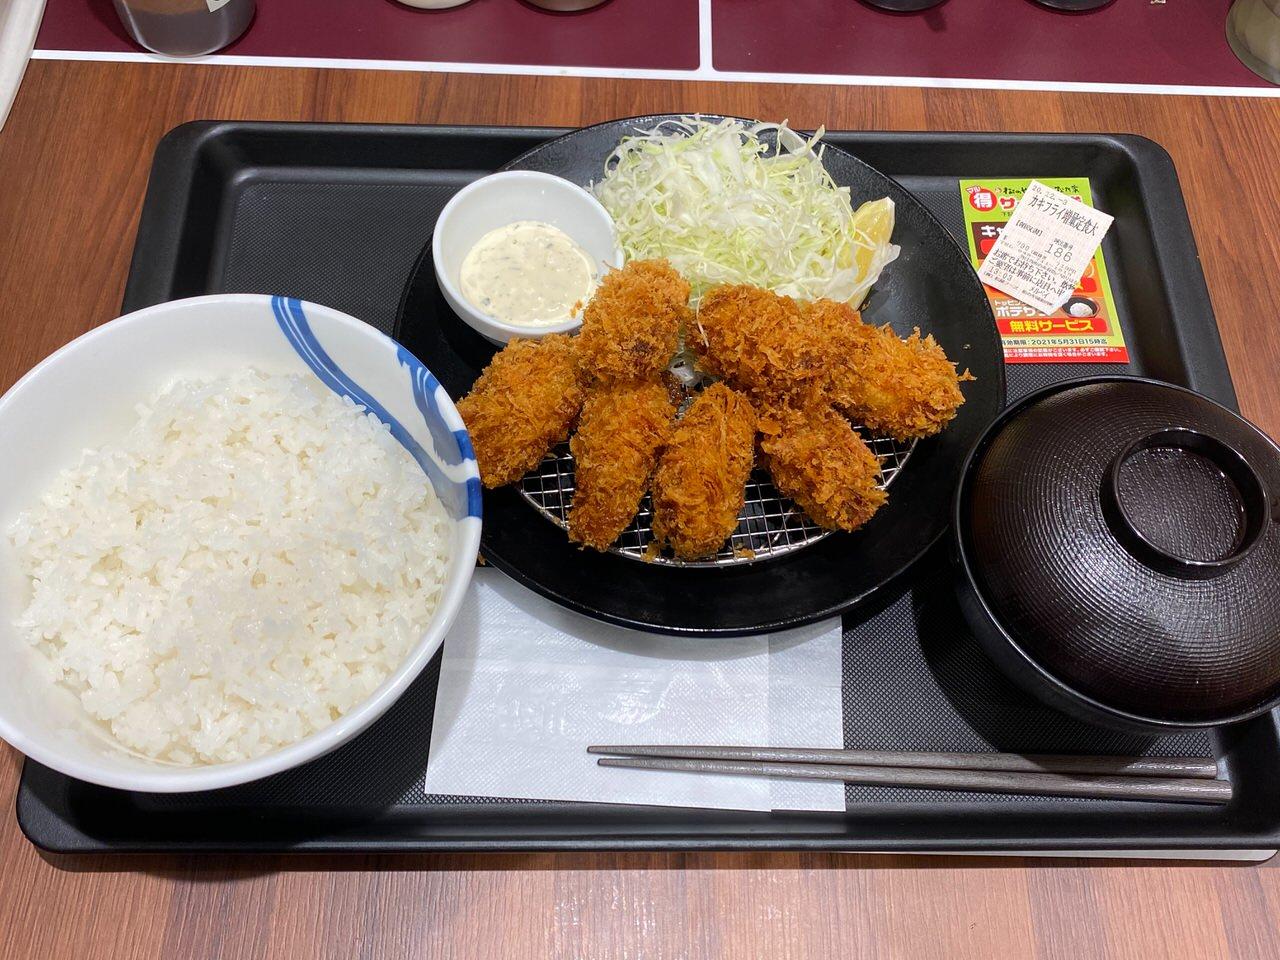 松のや カキフライ 増量キャンペーン 202012 2